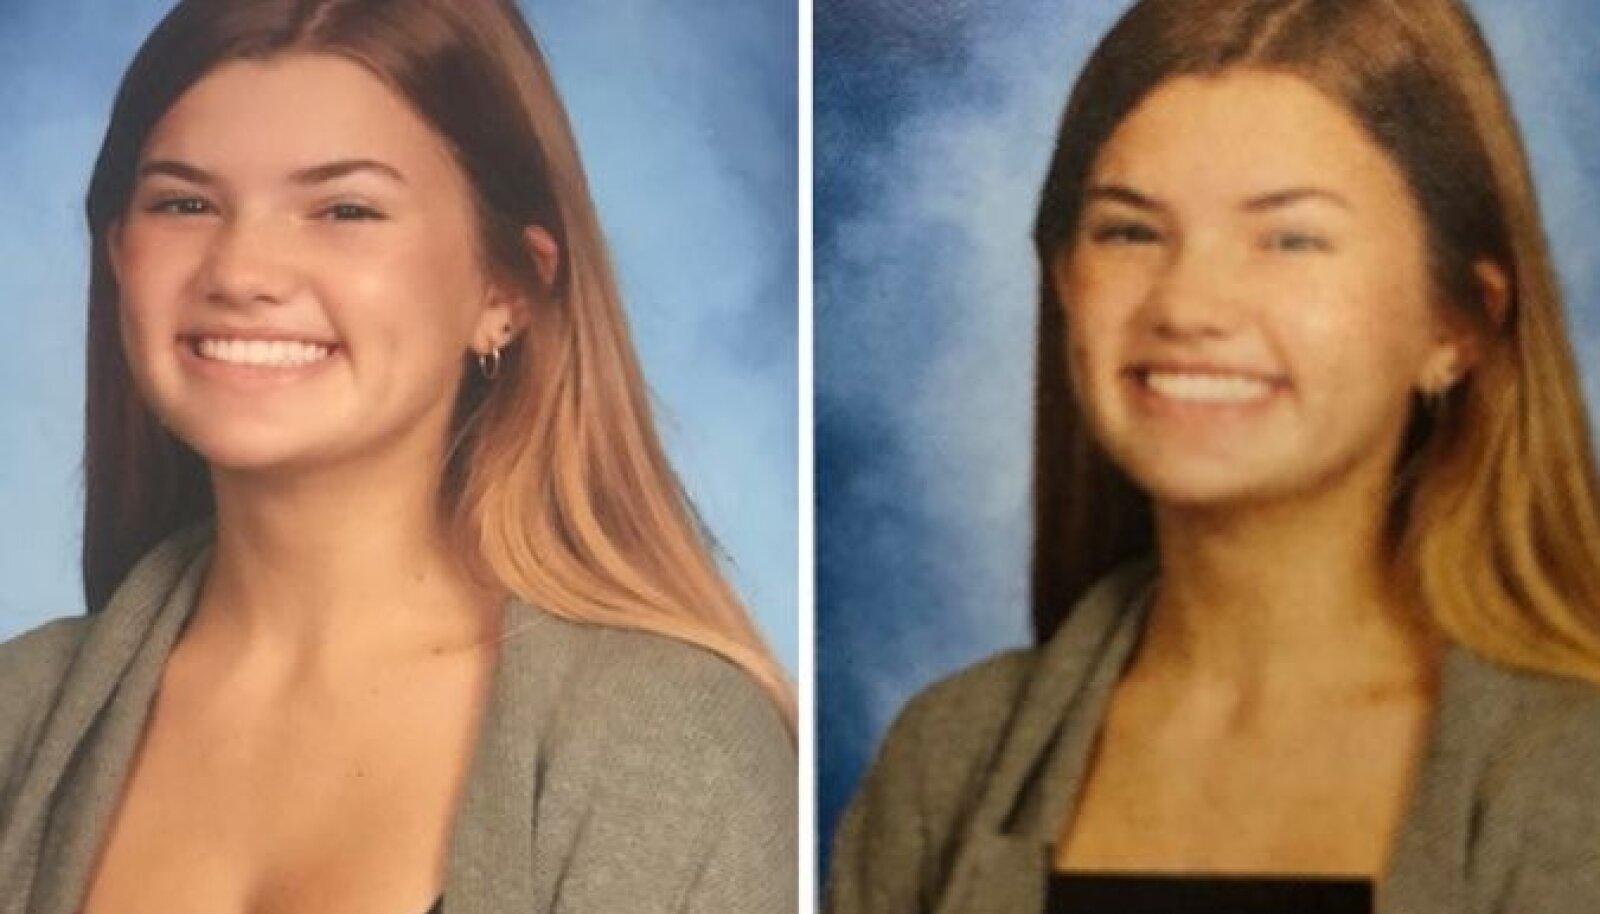 """Райли О'Киф была одной из школьниц, фотографию которых """"подредактировали"""""""